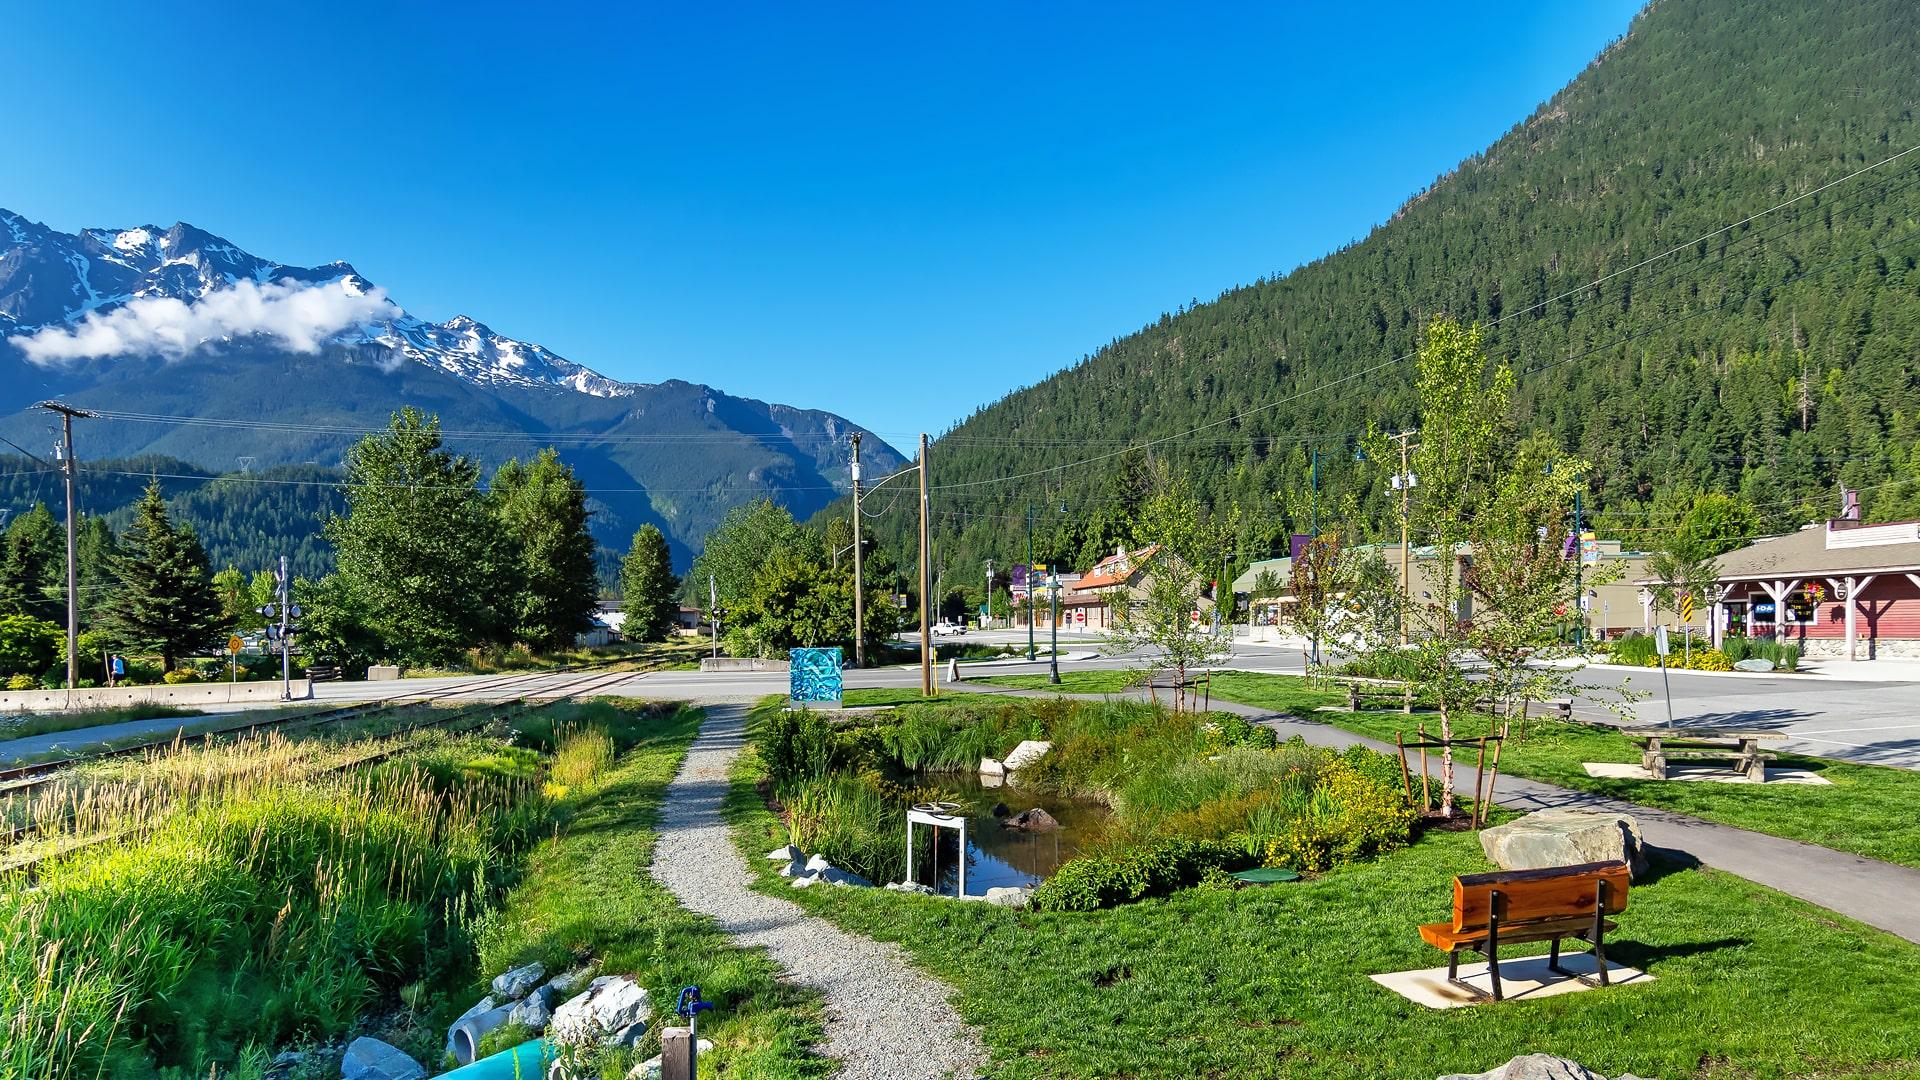 Estudiar un año escolar en colegios públicos de Sea to Sky School District en Squamish, British Columbia (Canadá)